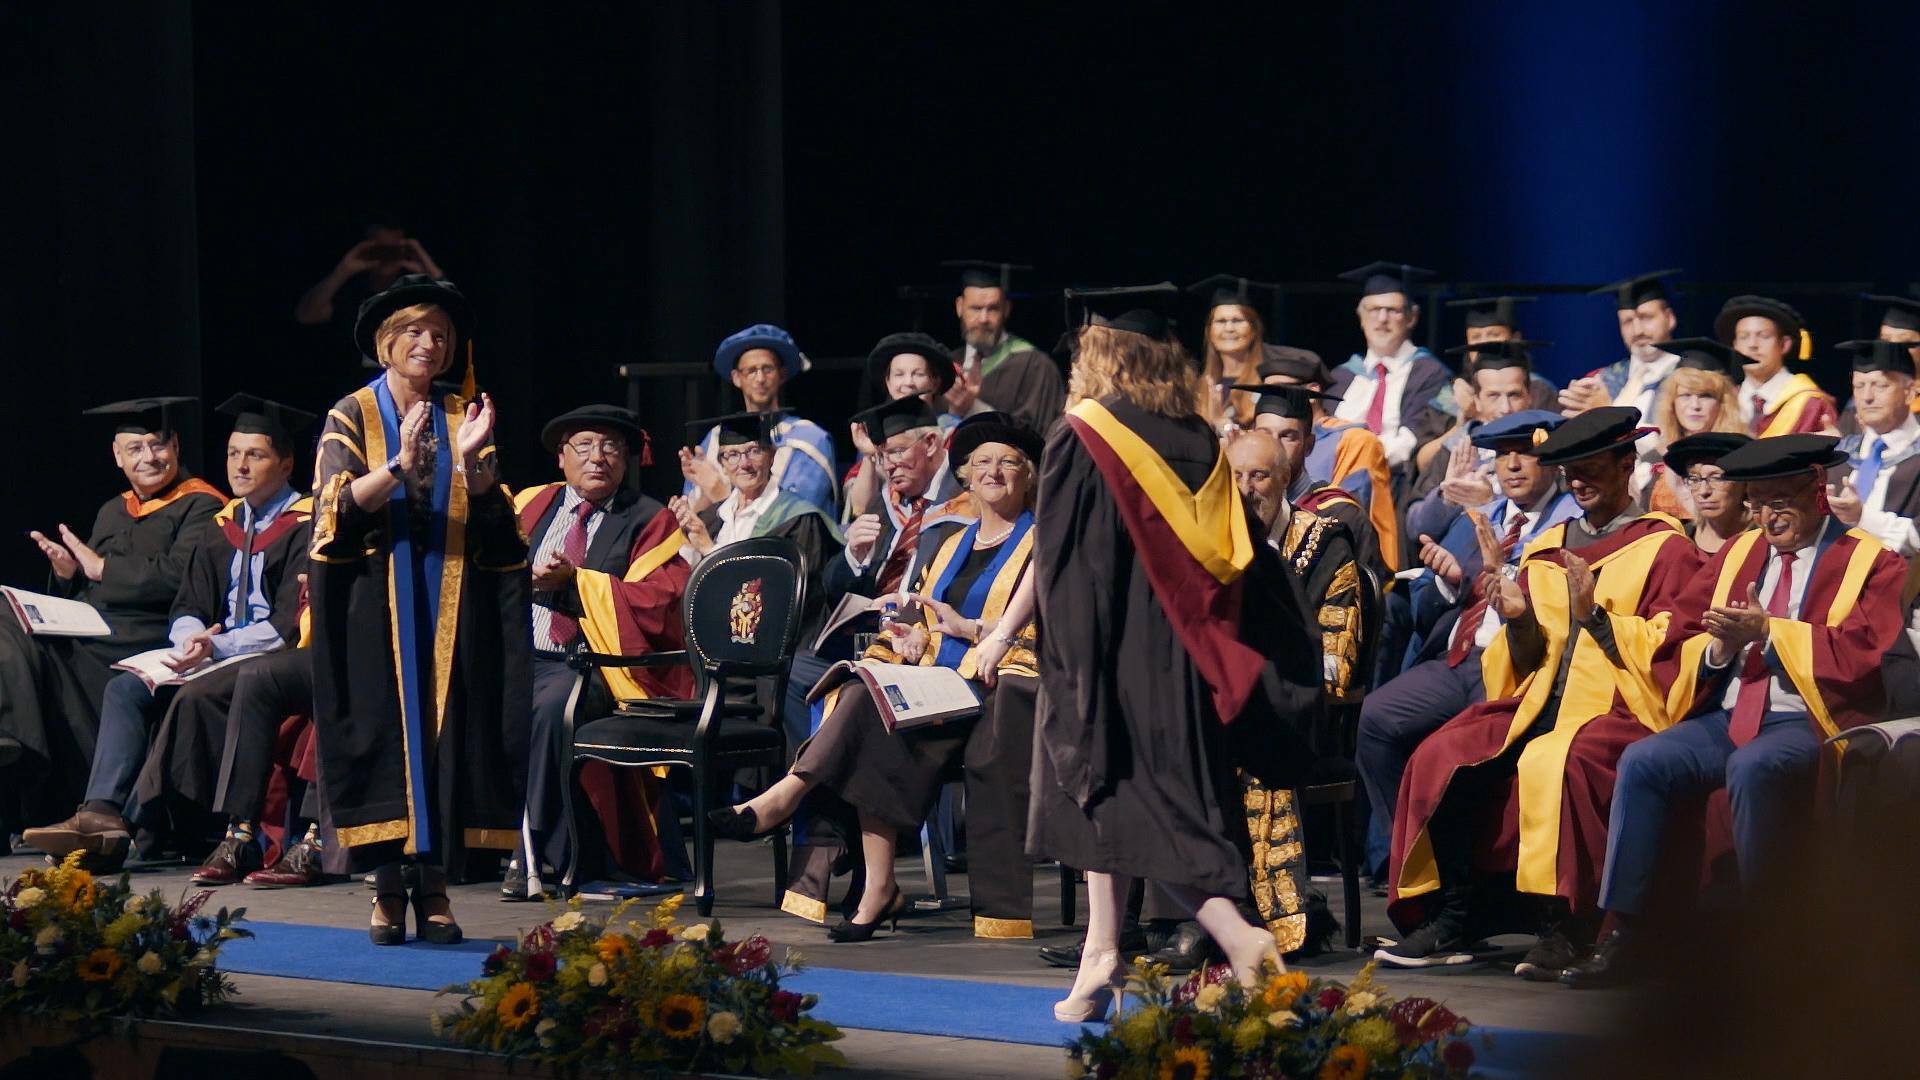 Cardiff Met - Graduation Stage